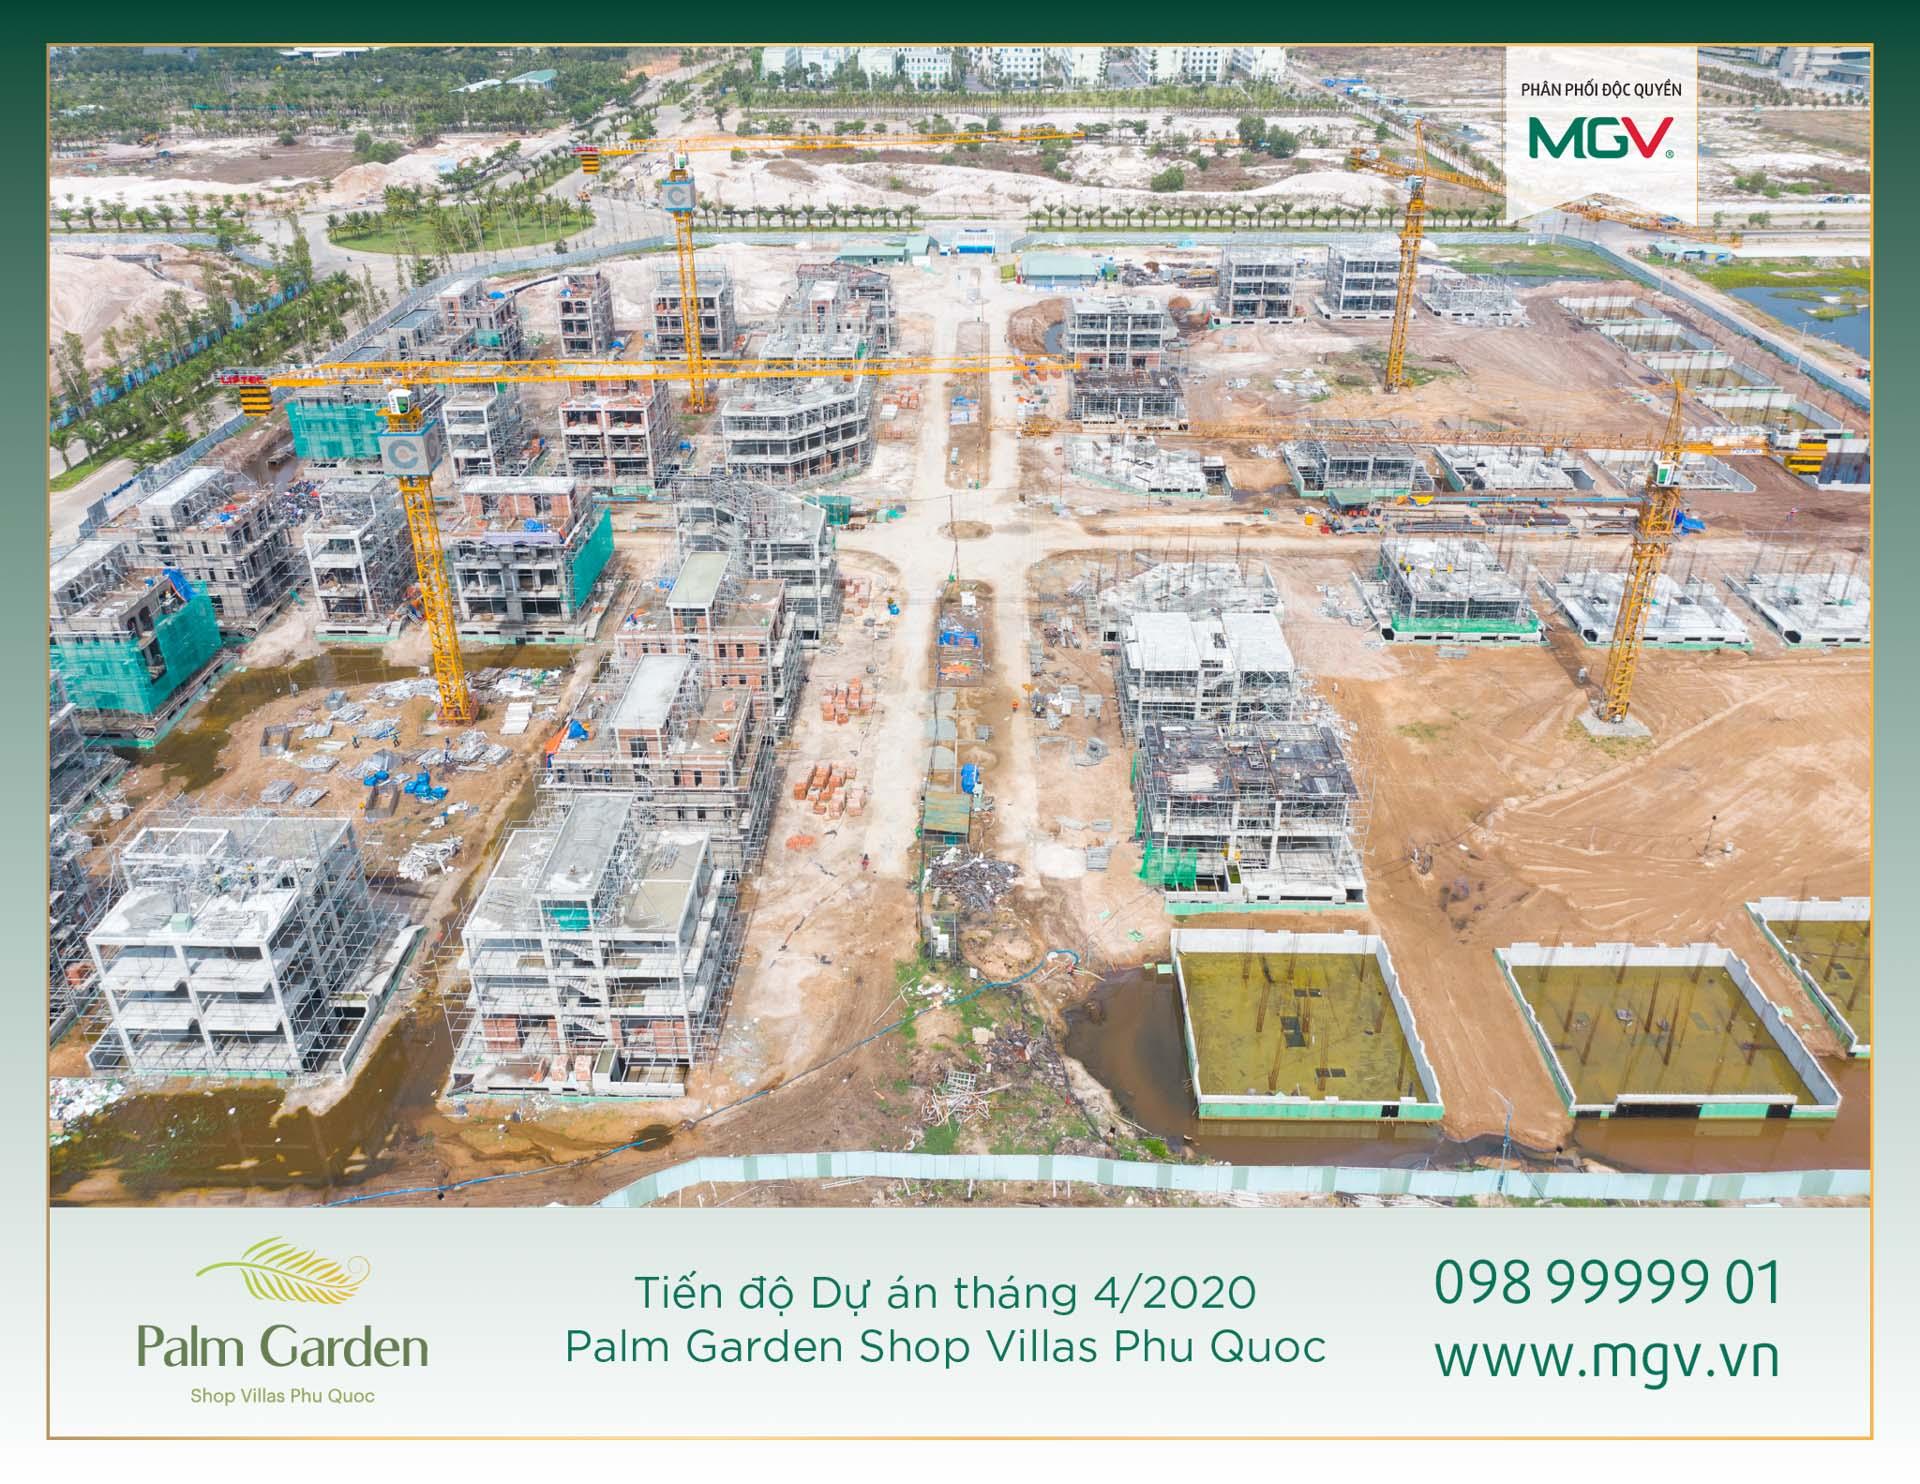 6.Tiến độ Dự án Palm Garden tháng 4.2020